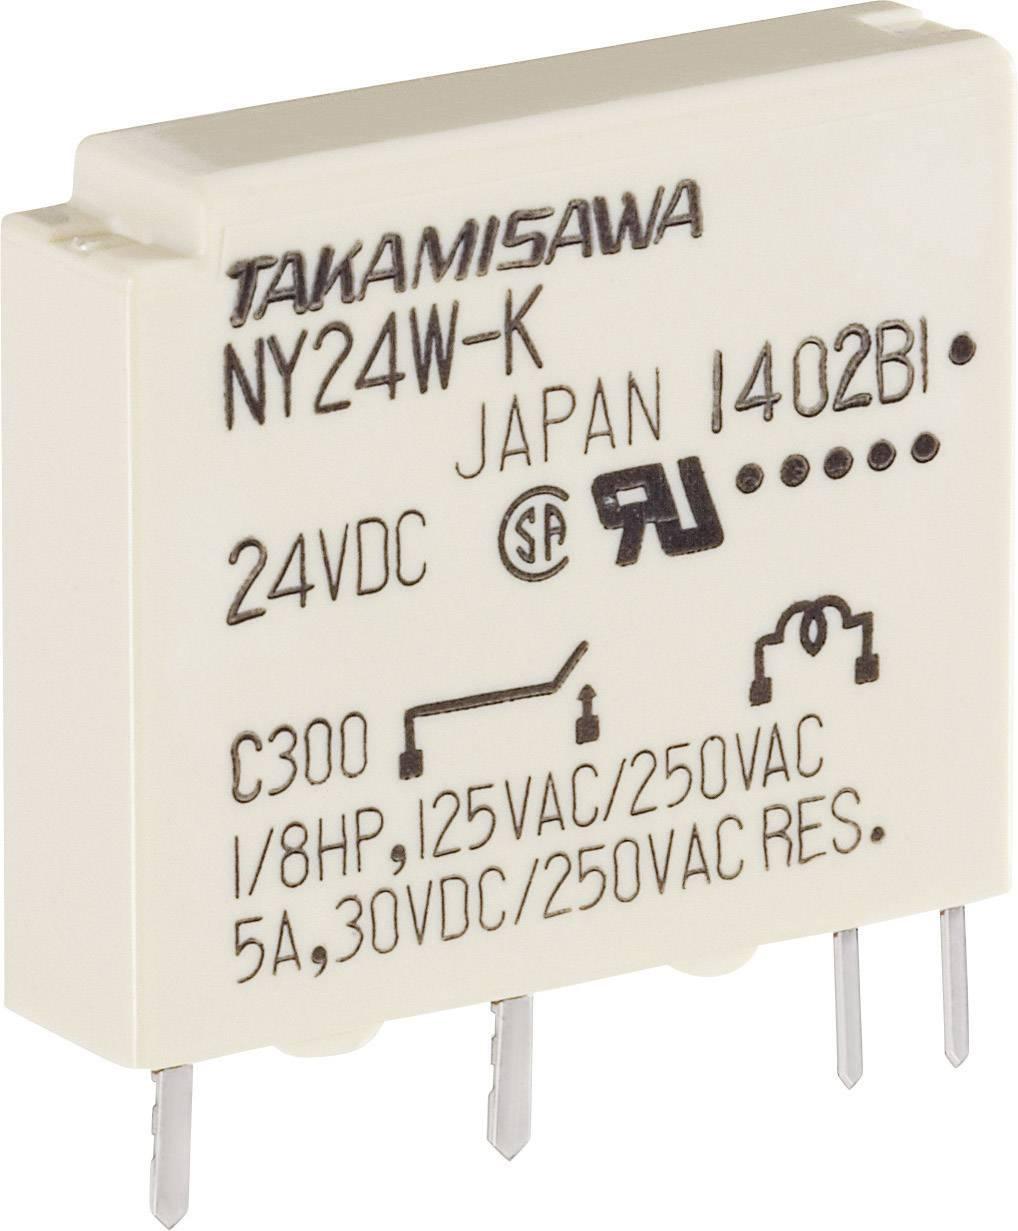 Úzké miniaturní relé série NY Takamisawa NY-24W-K-IE, 5 A 125 V/DC/270 V/AC 750 VA/90 W